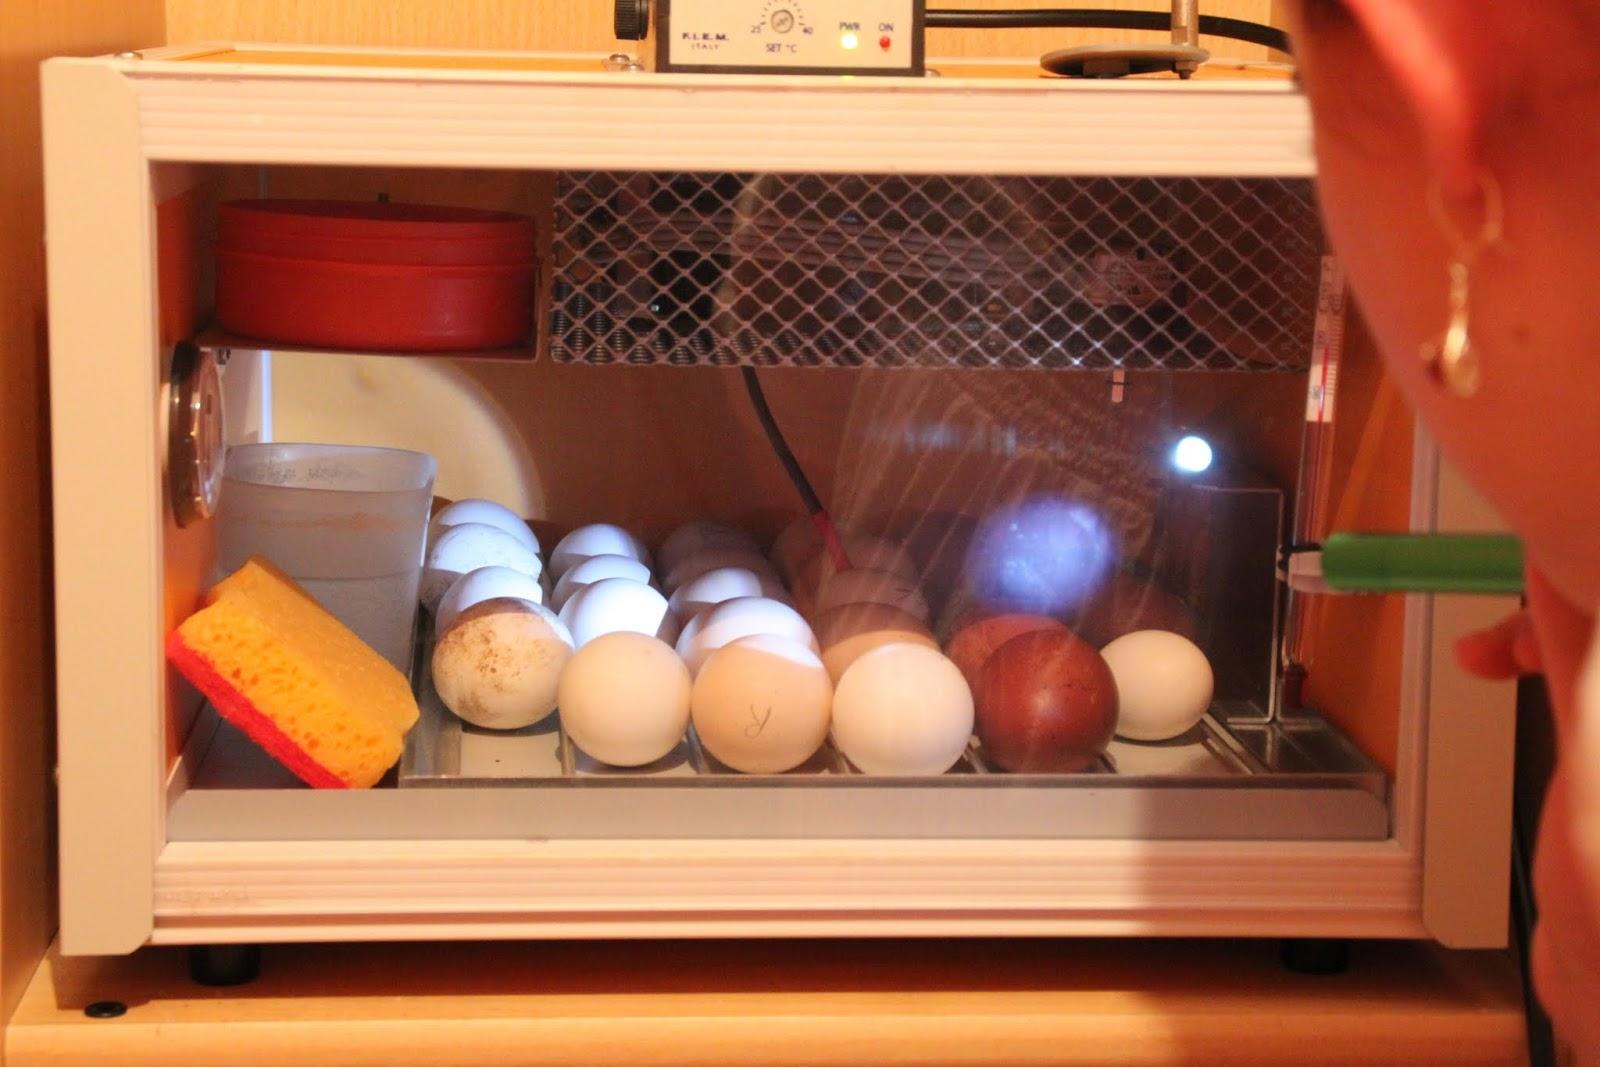 Couveuse Oeuf De Poule : les poules des boubous premiers oeufs dans la couveuse ~ Premium-room.com Idées de Décoration